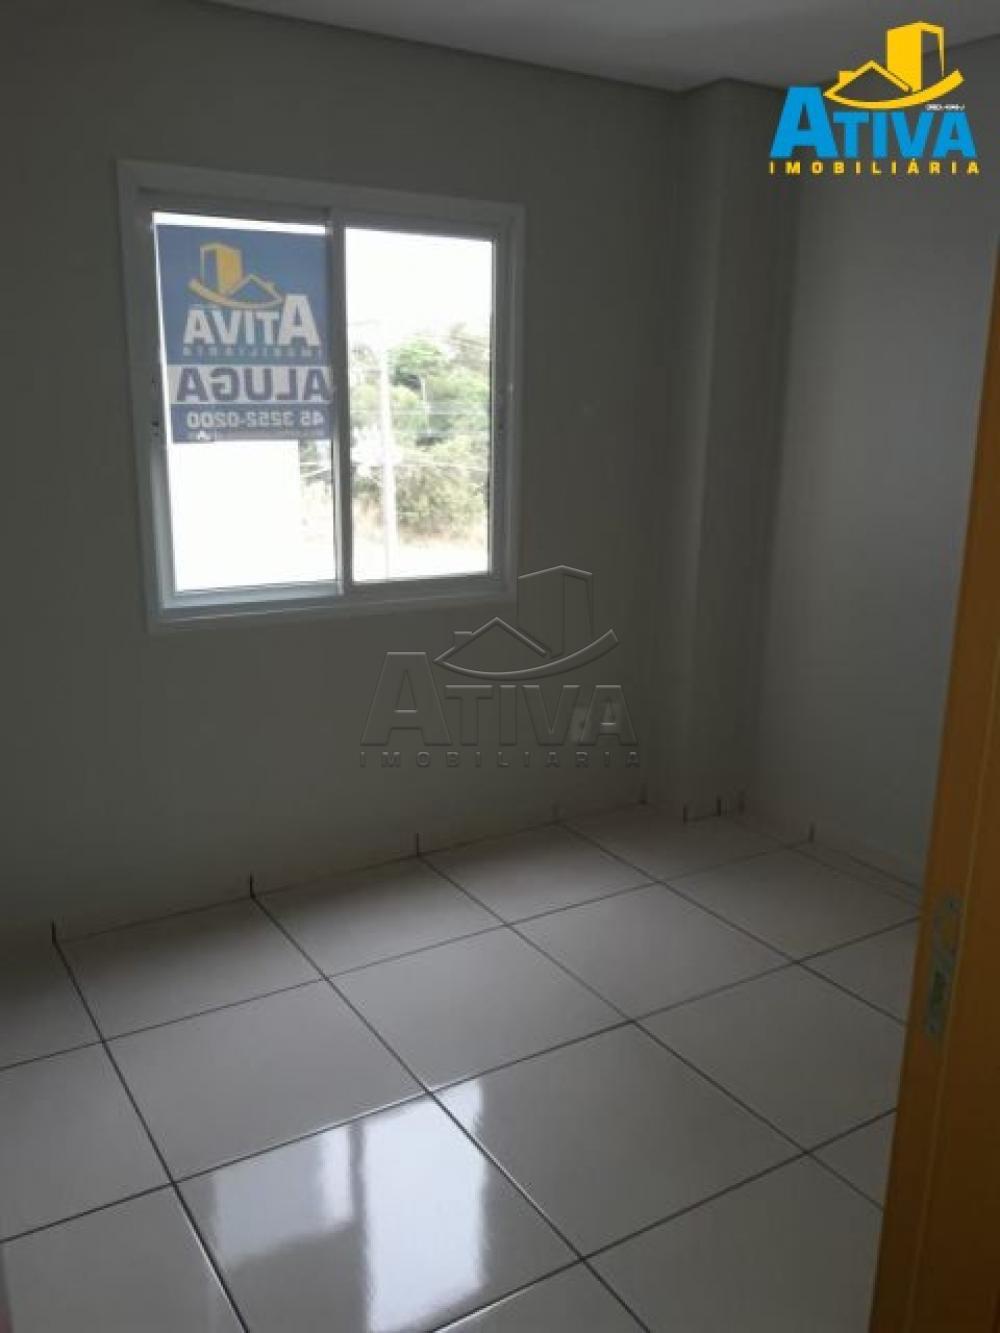 Comprar Apartamento / Padrão em Toledo apenas R$ 160.000,00 - Foto 6